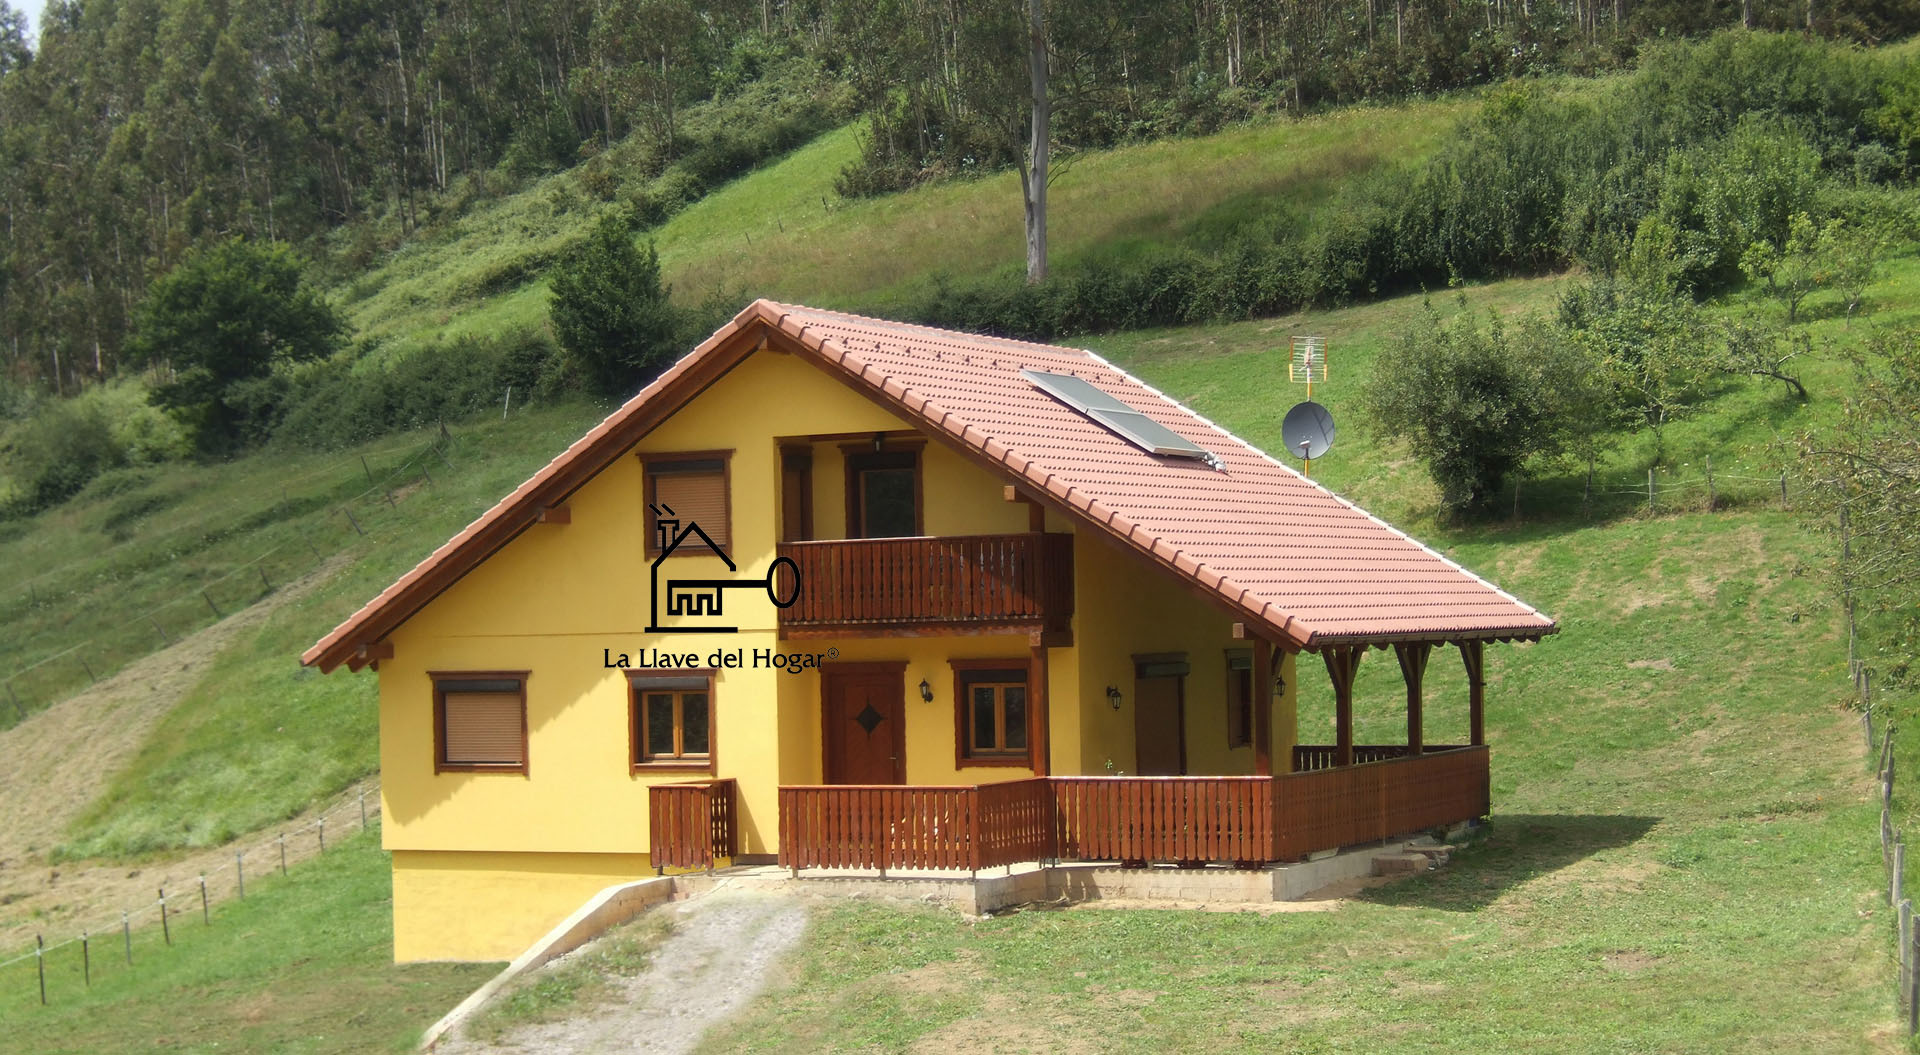 La llave del hogar casas de madera y entramado ligero - Viviendas prefabricadas ...